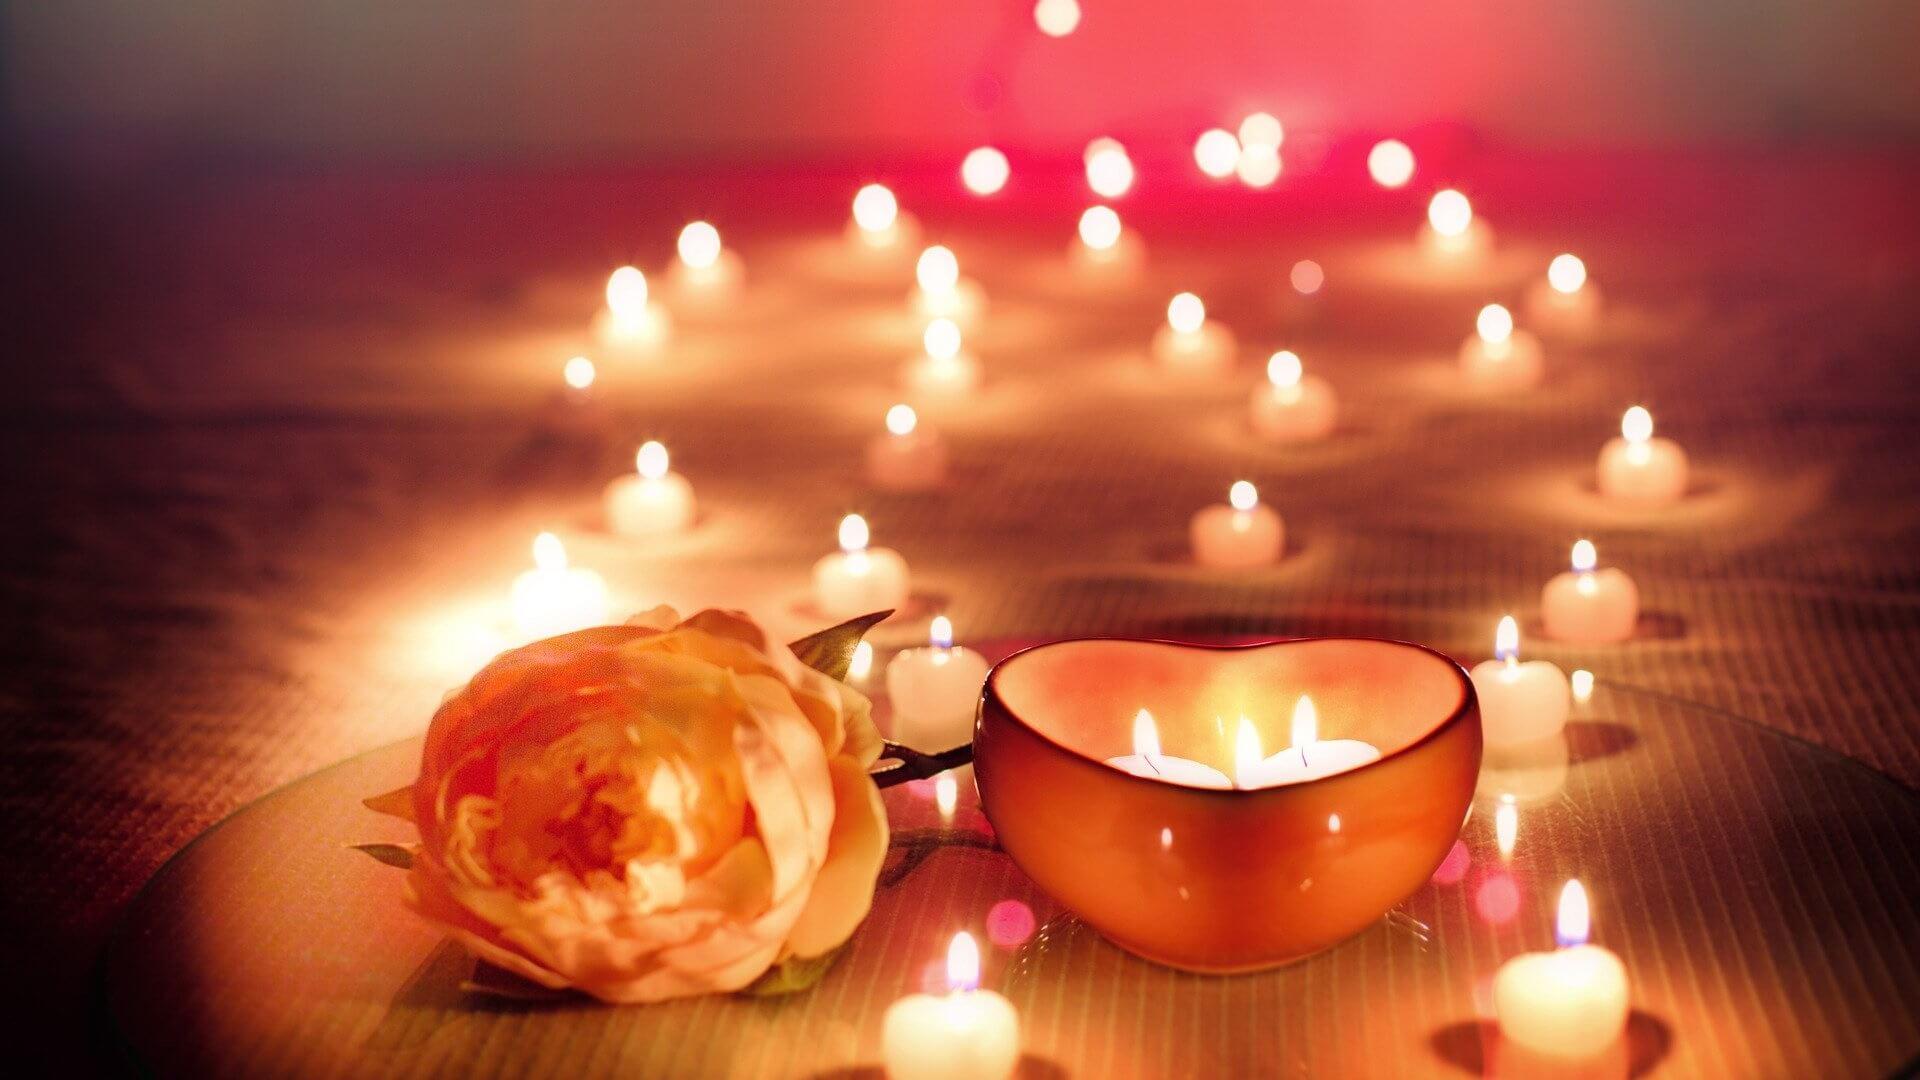 Zdjęcie walentynkowe z różą i świeczkami